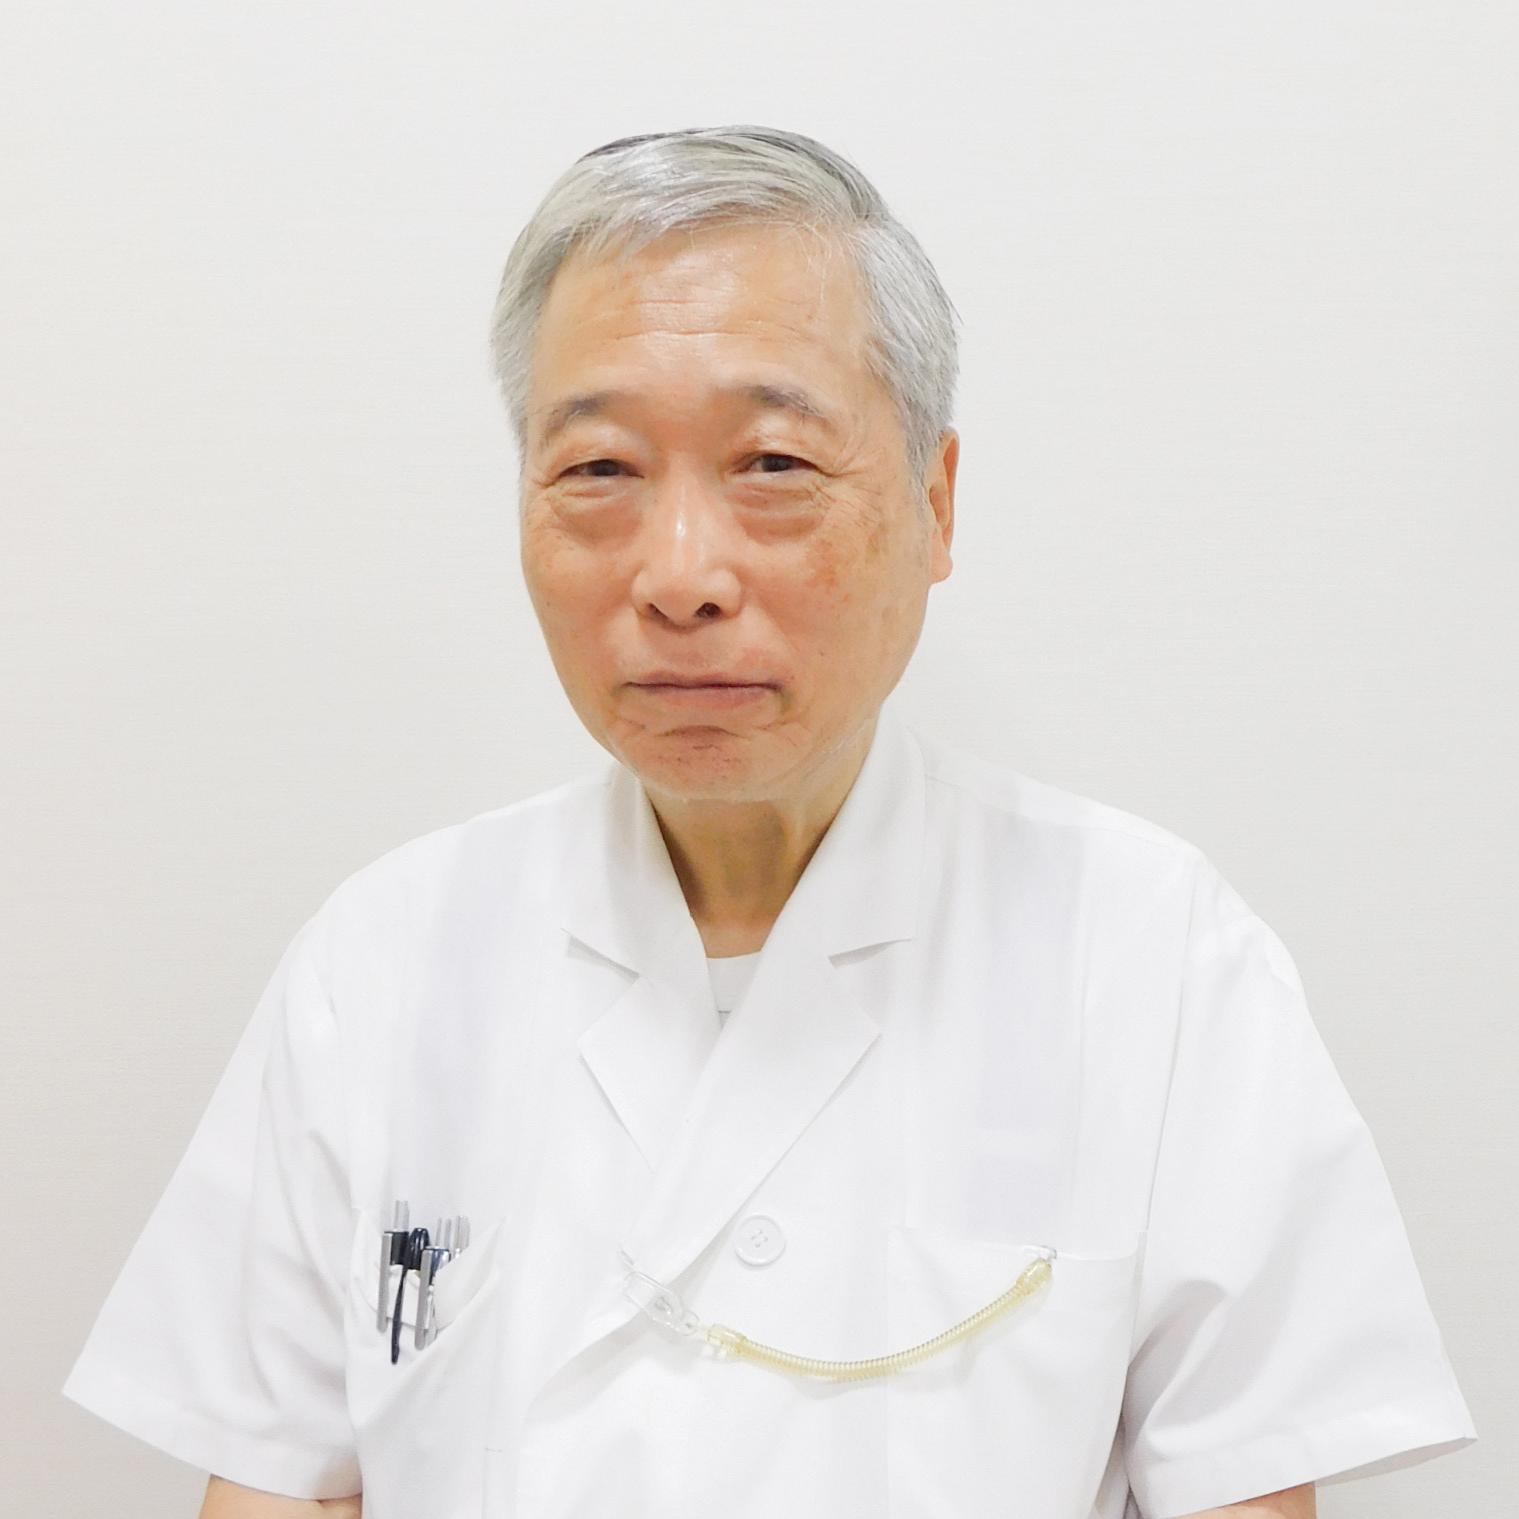 奈良県で初めての 陽子線治療センター開設